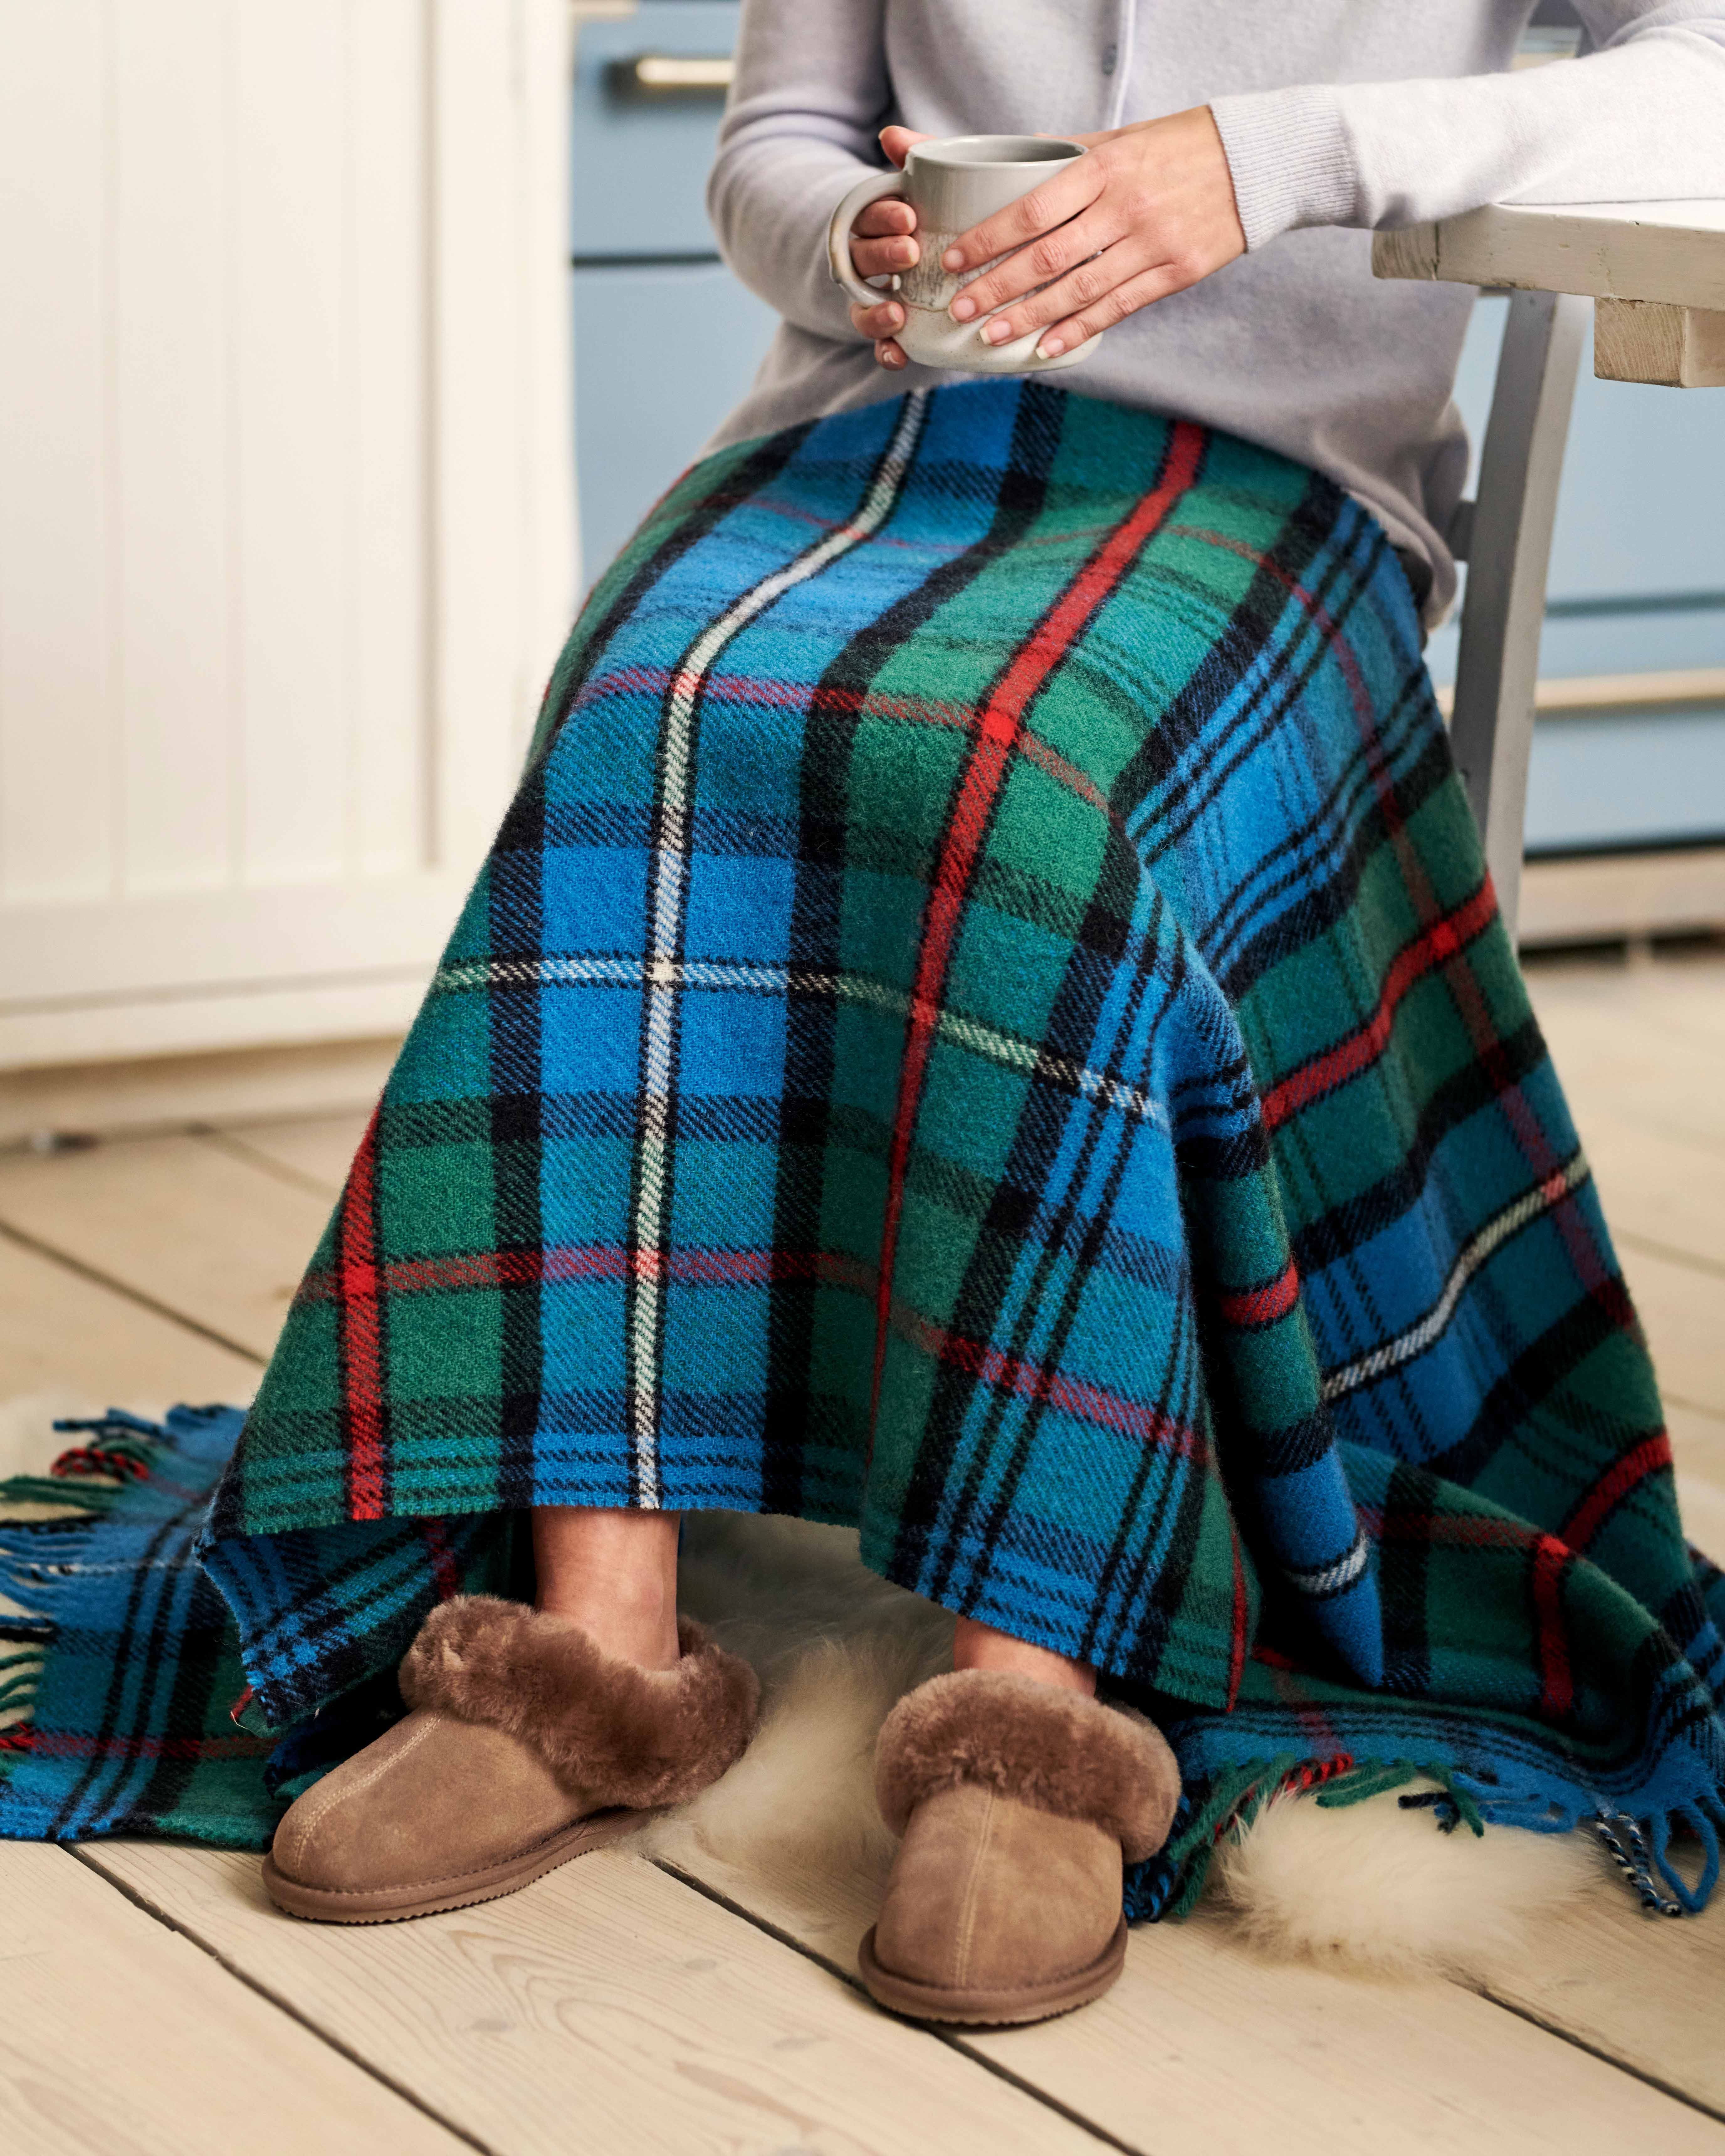 Kniedecke aus reiner Wolle mit Schottenmuster